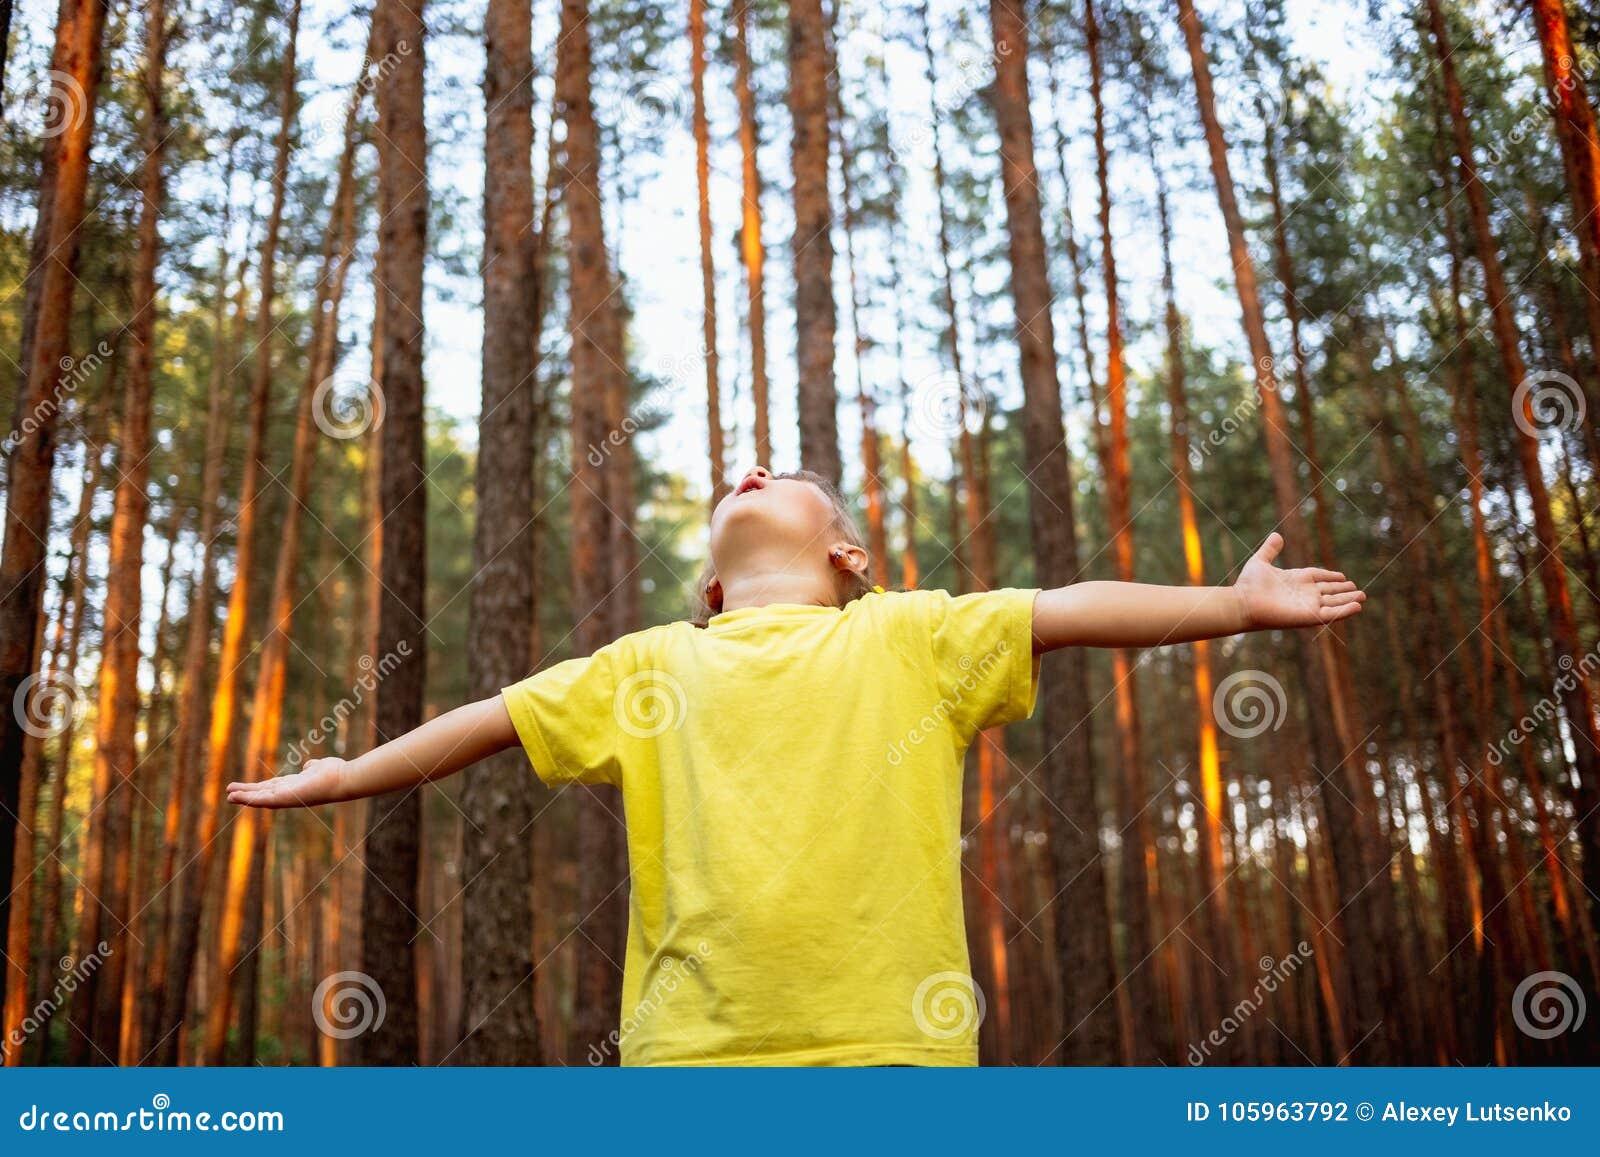 美丽的小女孩在杉木森林用手享受自然